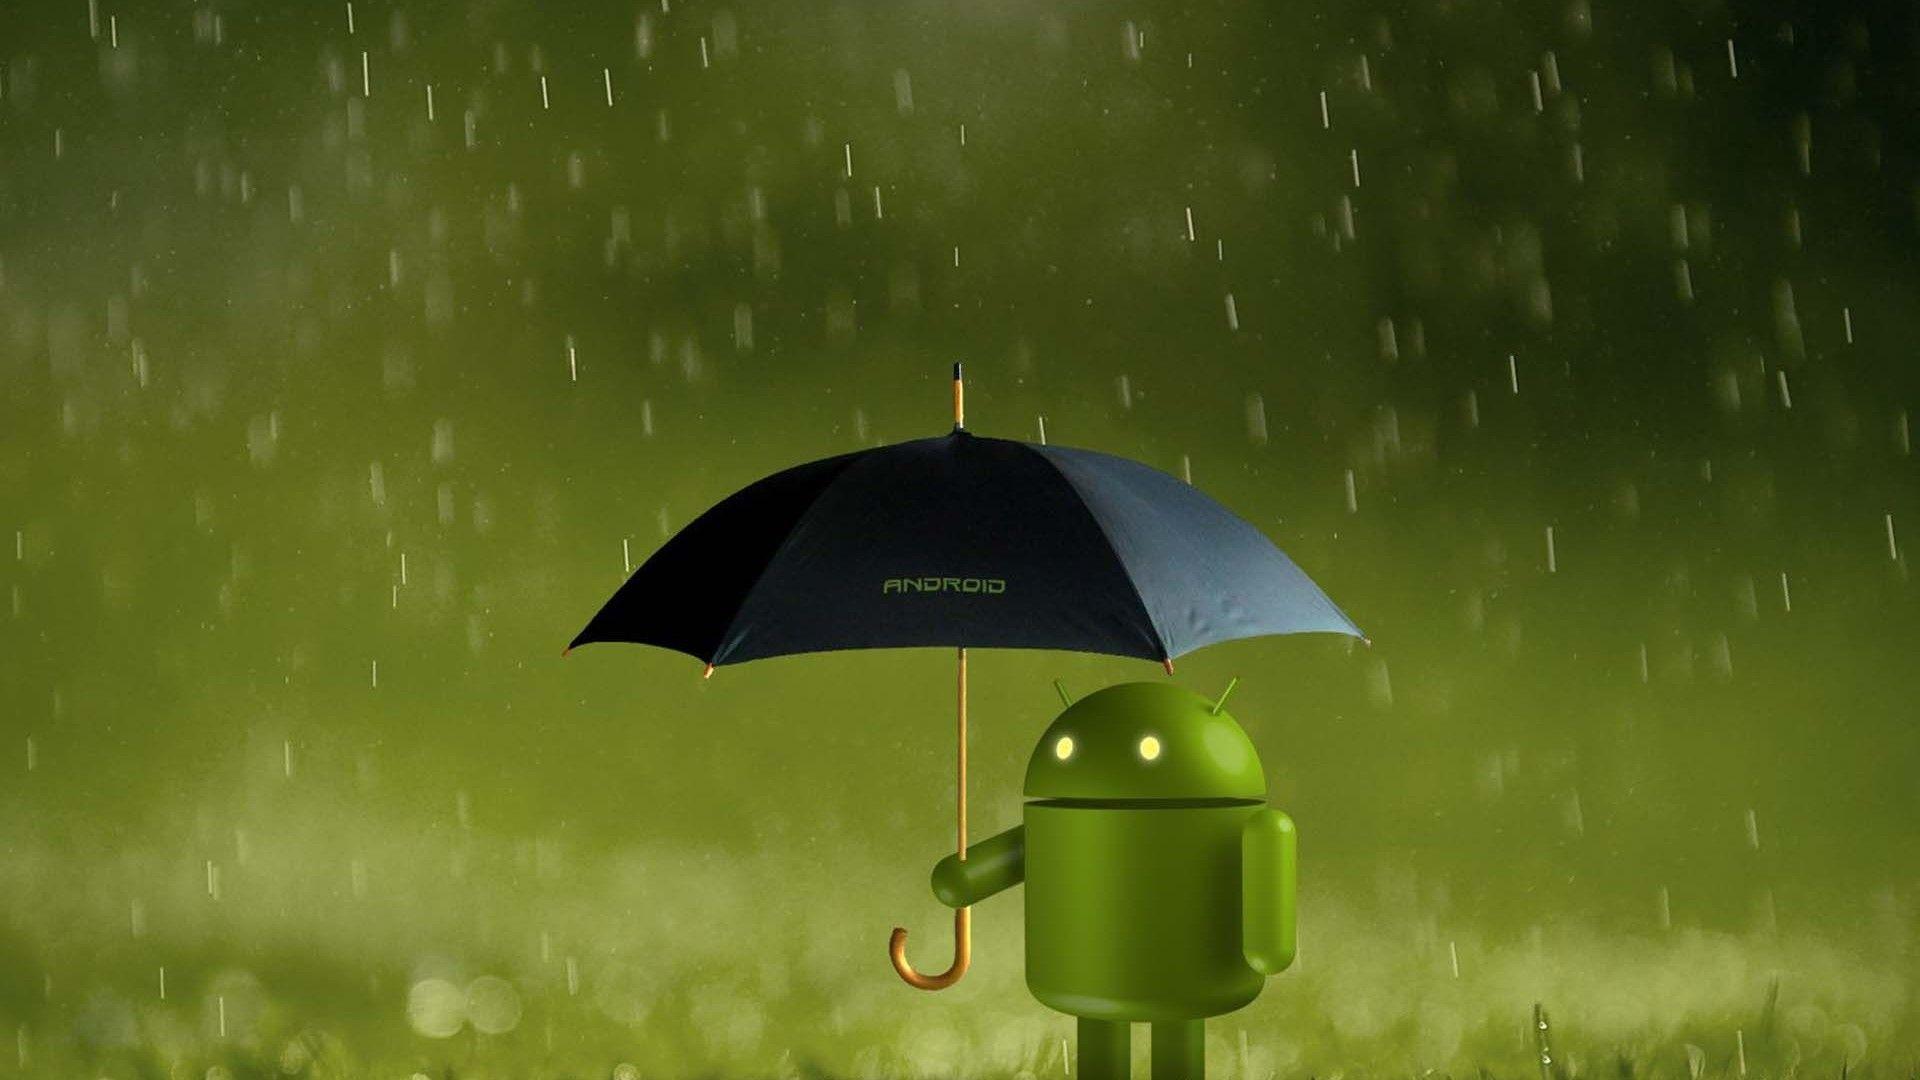 ambrella android rain